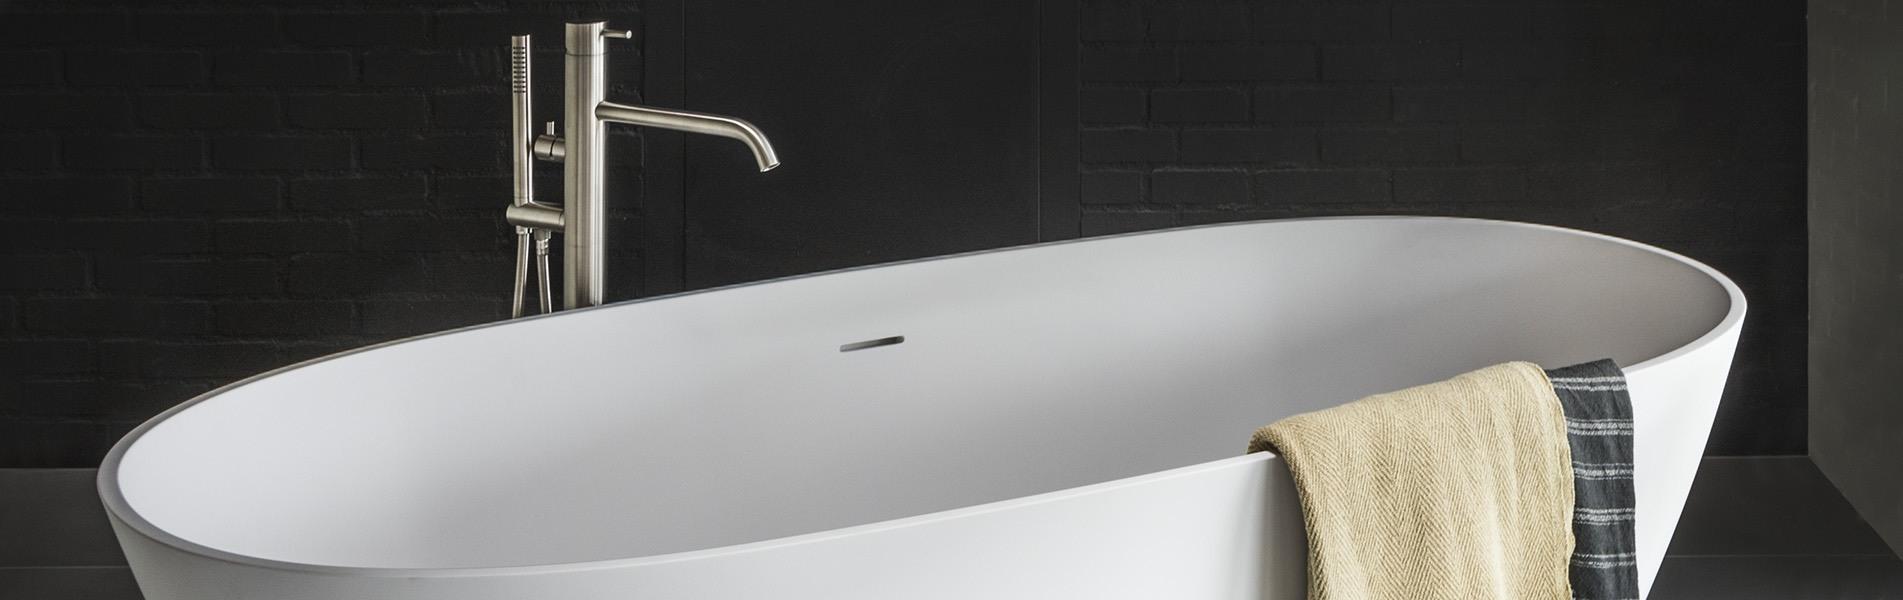 Ligbad LB Oval Round 1700 mm. Ligbaden van B DUTCH. Dutch design ligbaden, badkuipen, losstaand baden, bad vrijstaand, vrijstaand ligbad en losstaande baden. Vervaardigd van topkwaliteit Solid Surface B-Solid, verkleurt niet. Ook op maat te maken.